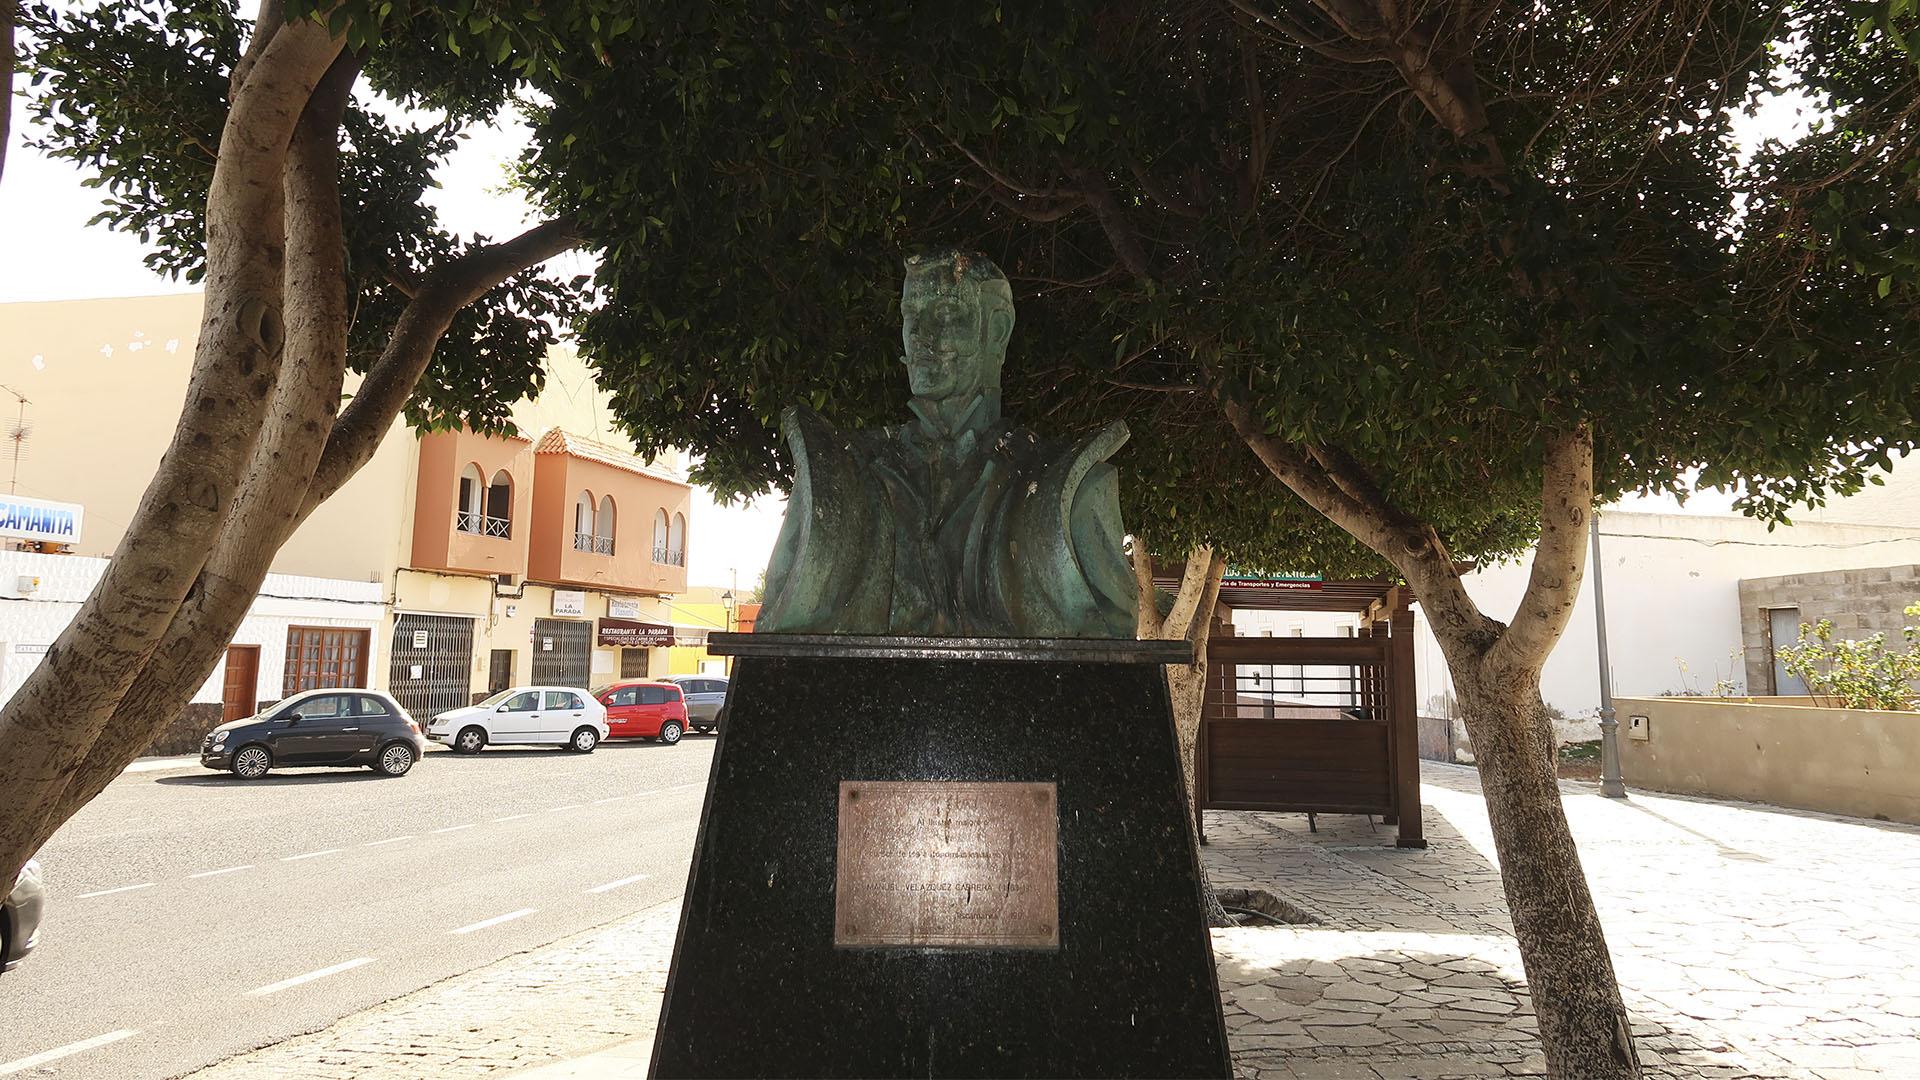 Denkmal Manuel Velázquez Cabrera in Tiscamanita Fuerteventura.